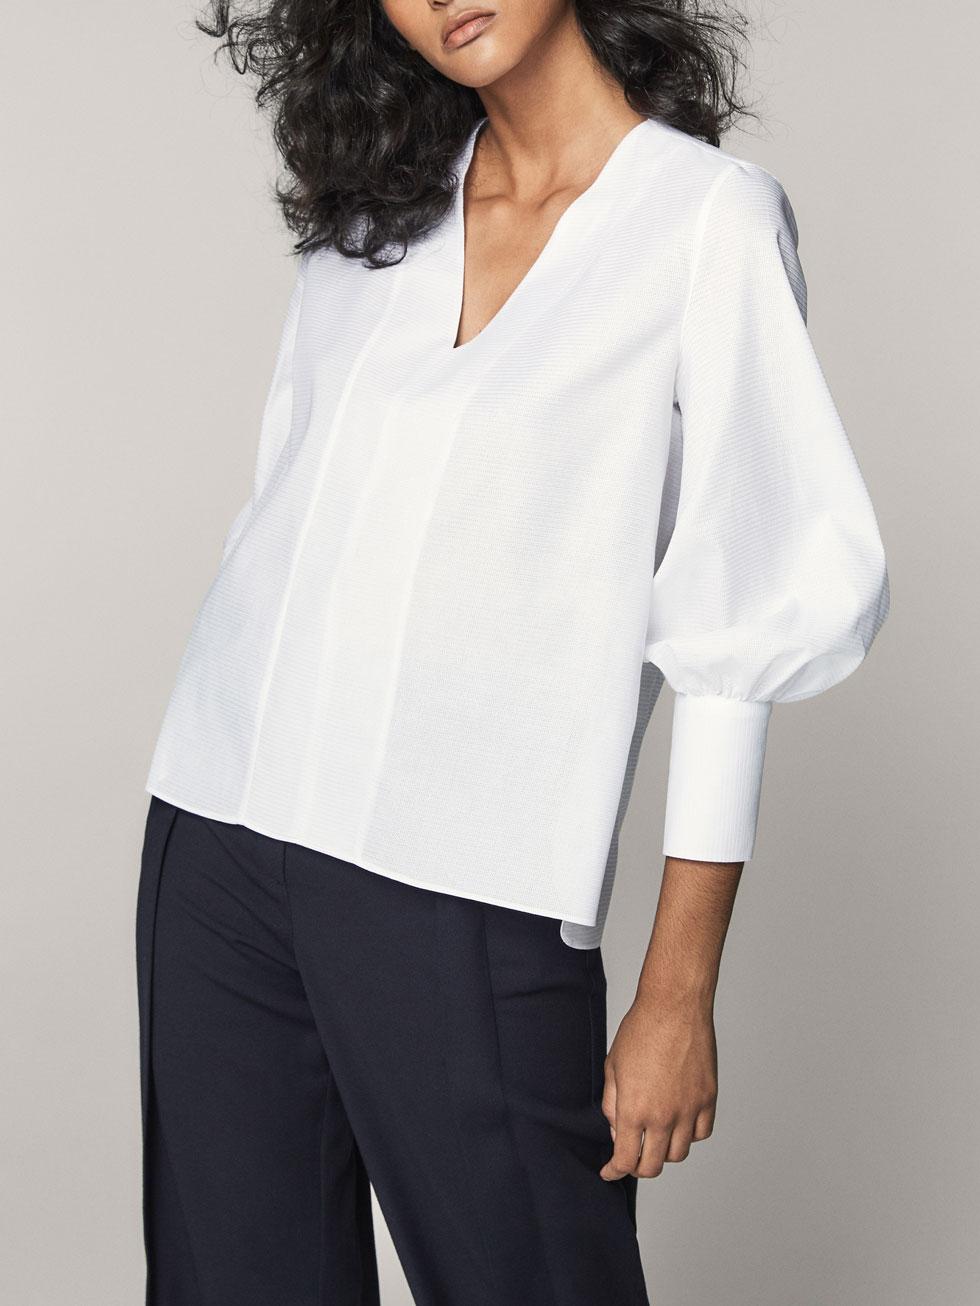 FOTO 13: Modelo blusa blanca